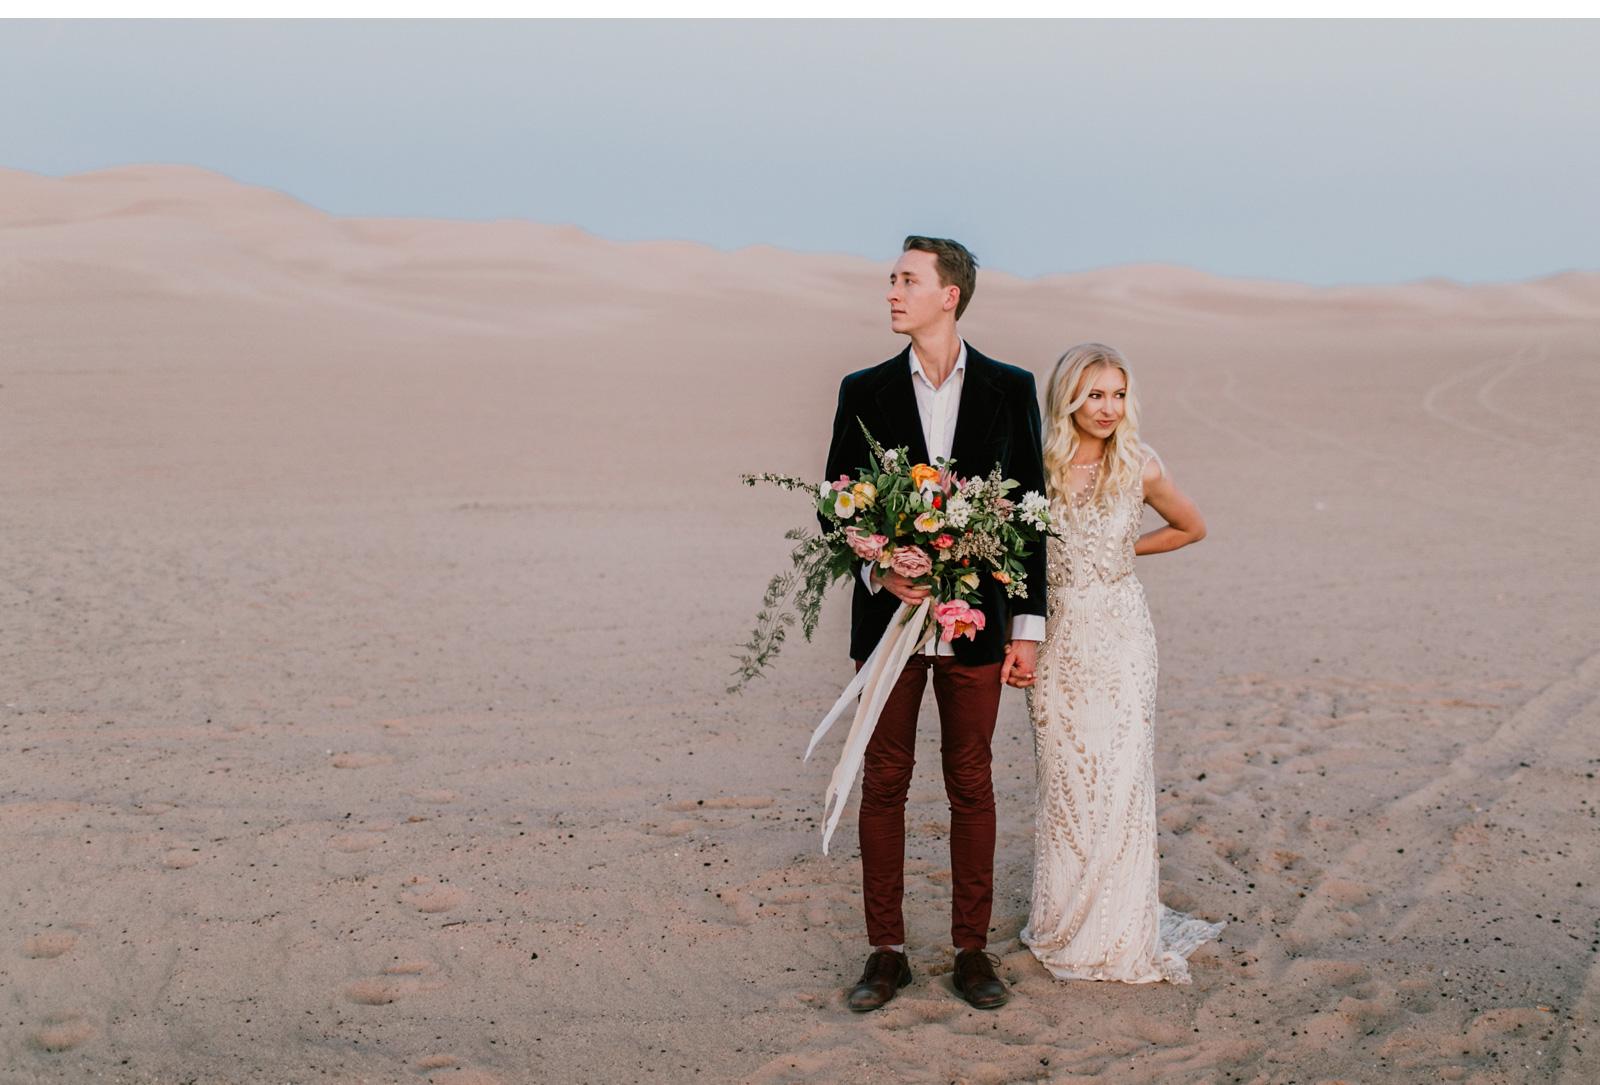 Adventure-Wedding-Green-Wedding-Shoes-Natalie-Schutt-Photography_17.jpg